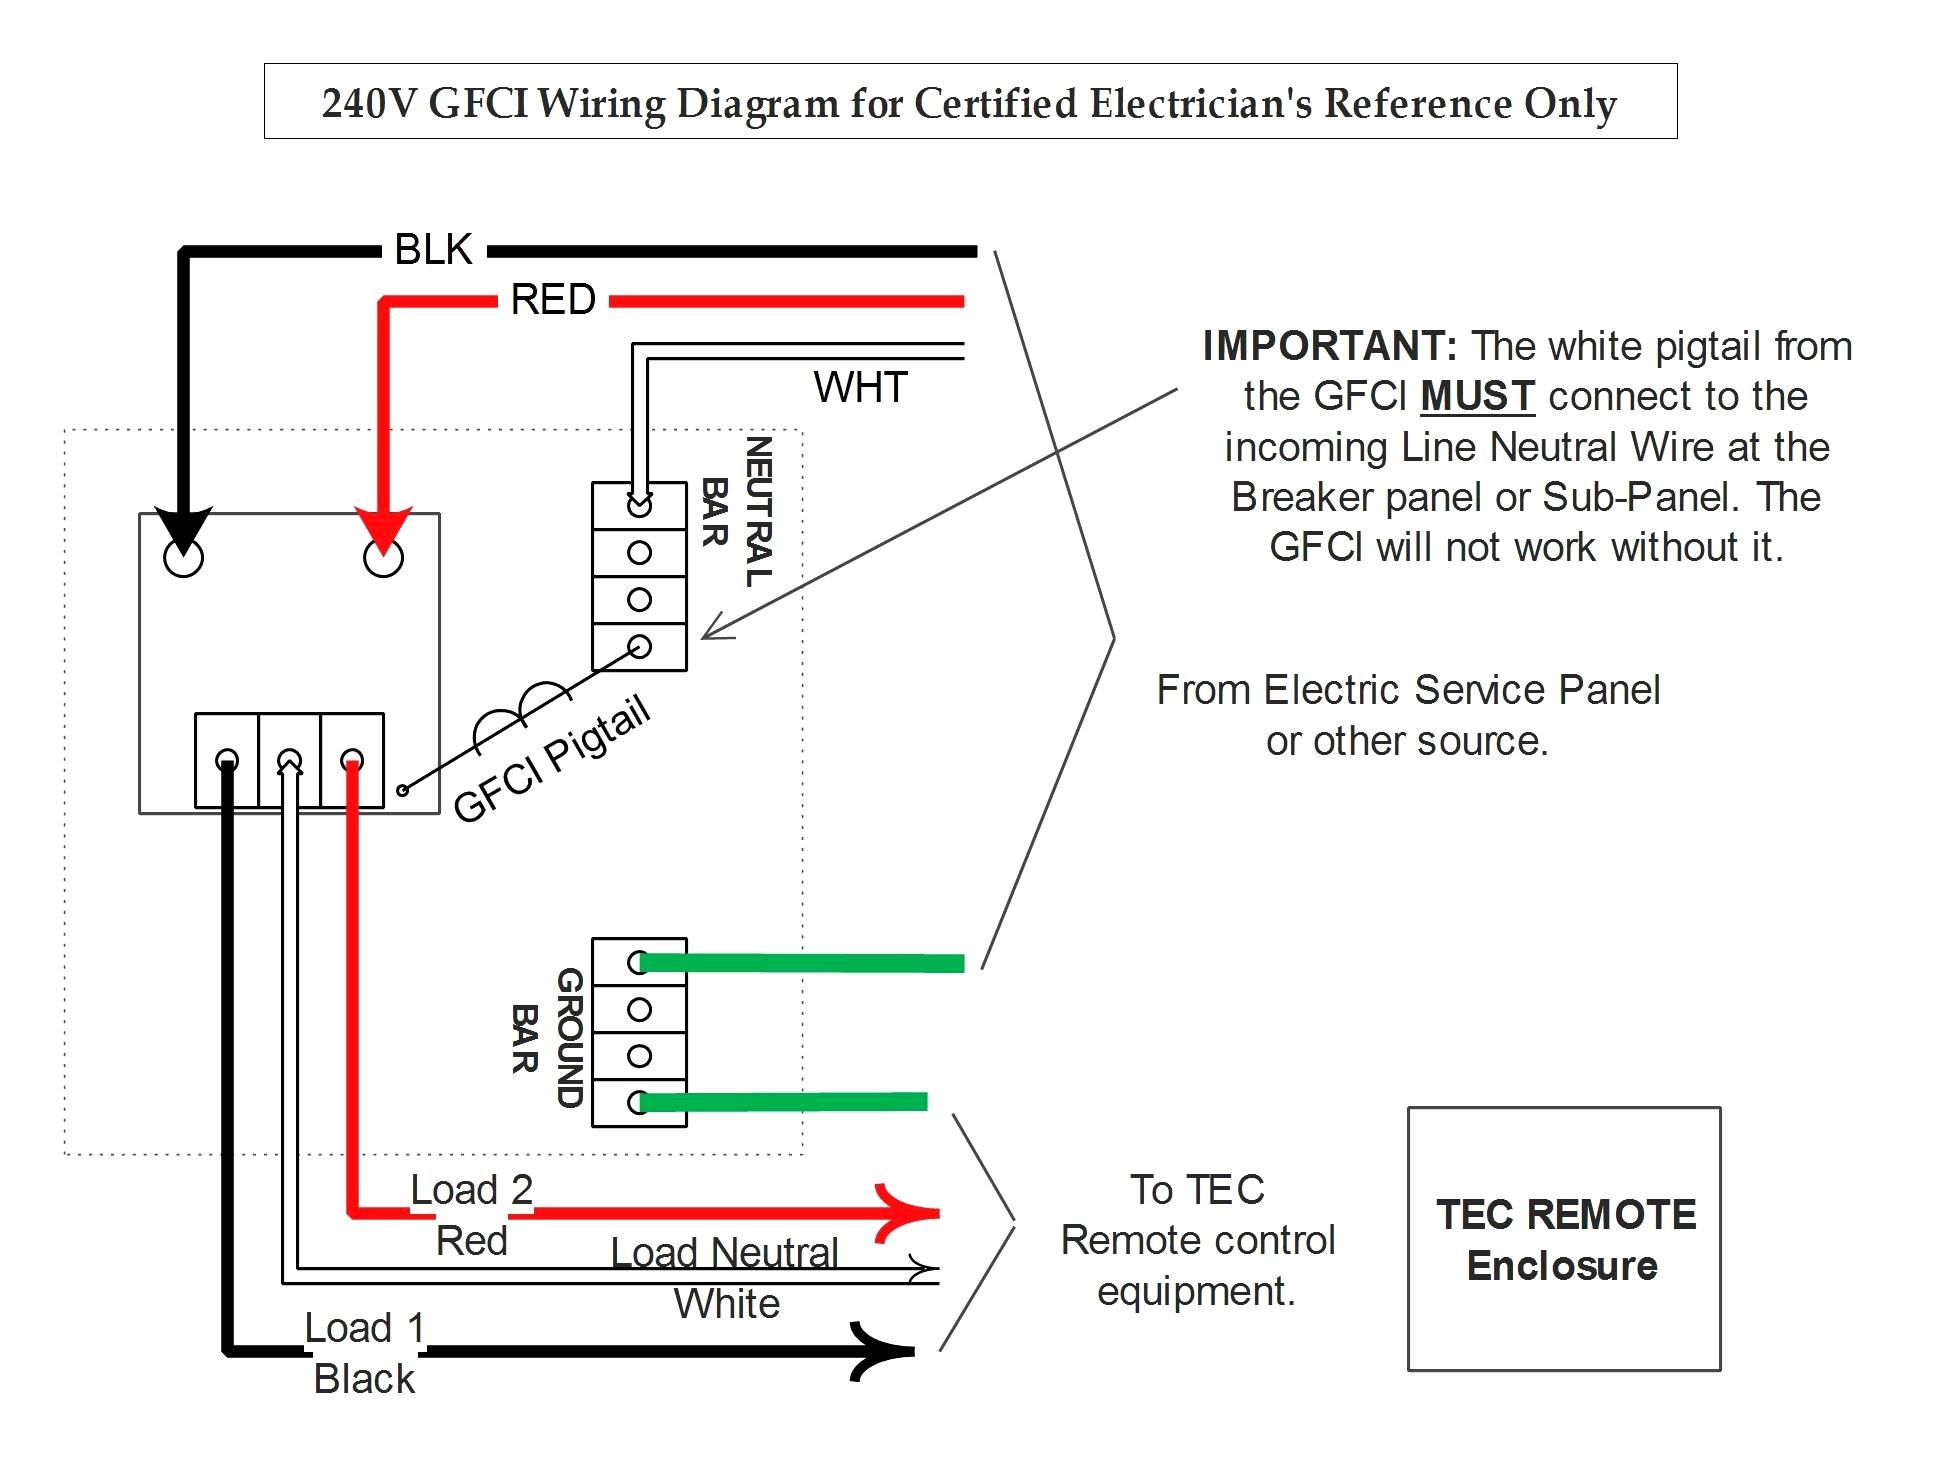 Elevator Wiring Diagram Free | Free Wiring Diagram on nema l14-30p wiring-diagram, nema l14-20p wiring-diagram, nema 14 20r wiring-diagram, l6-30r receptacle wiring-diagram, l6-20 wiring-diagram, nema 6 50r wiring-diagram, nema l6-15p wiring-diagram, nema 6-20p wiring-diagram, nema 5-15p wiring-diagram, usb wiring-diagram, l5-30r wiring-diagram, nema l6-30r wiring-diagram, nema 6-20r wiring-diagram,